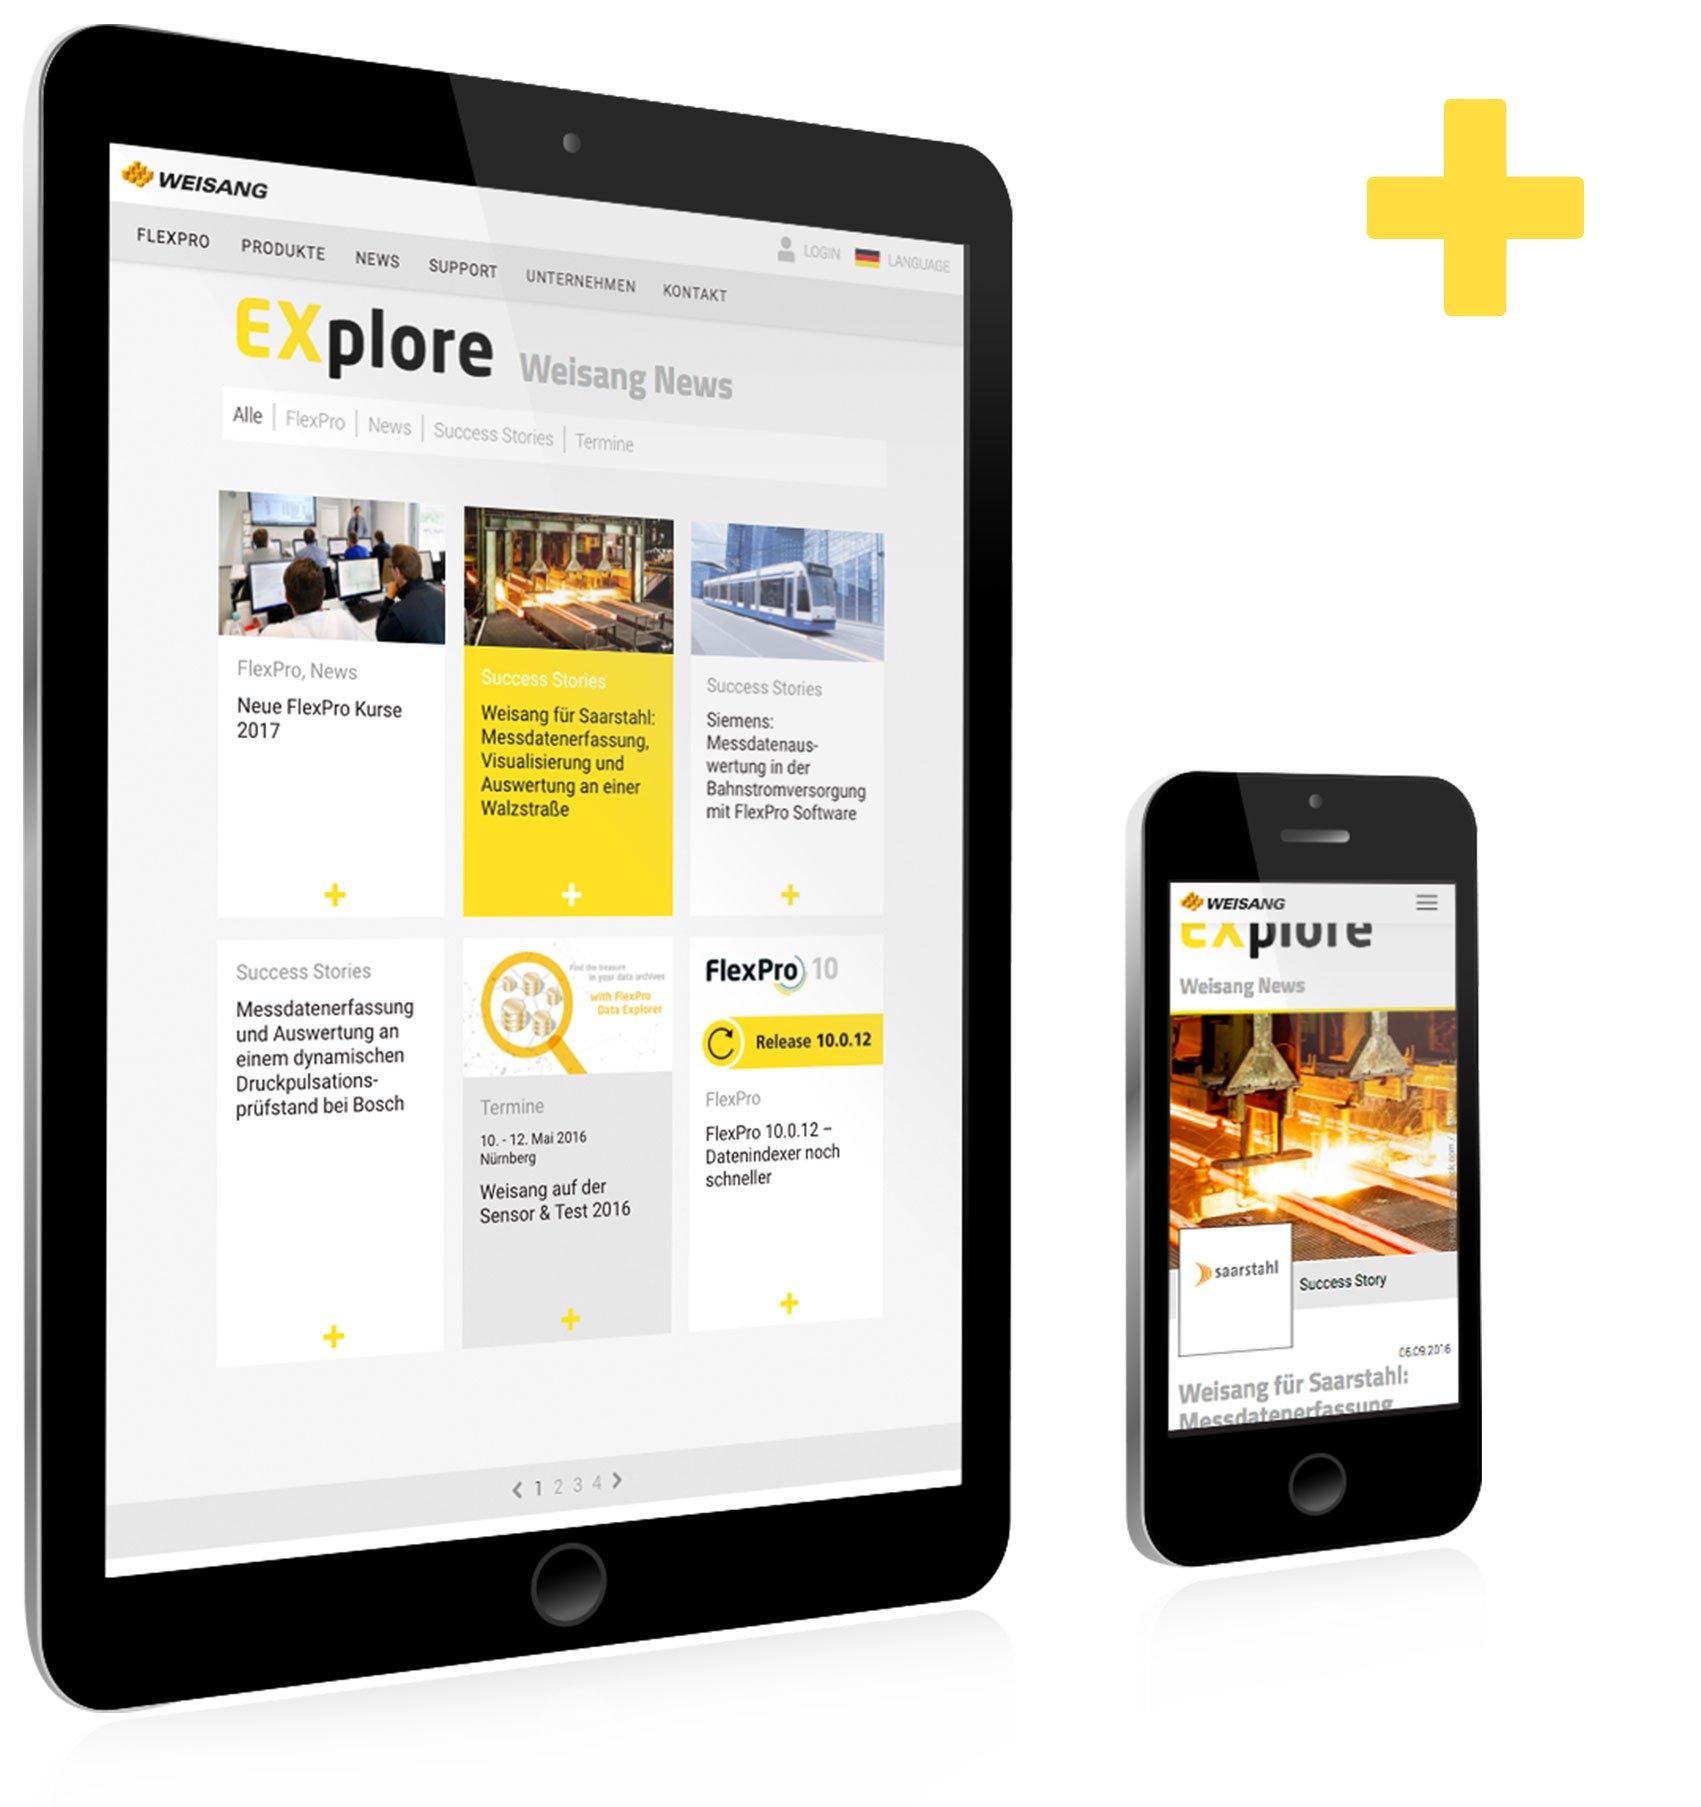 Responsive Webdesign, news magazin für Weisang: DIE NEUDENKER® Agentur, Darmstadt